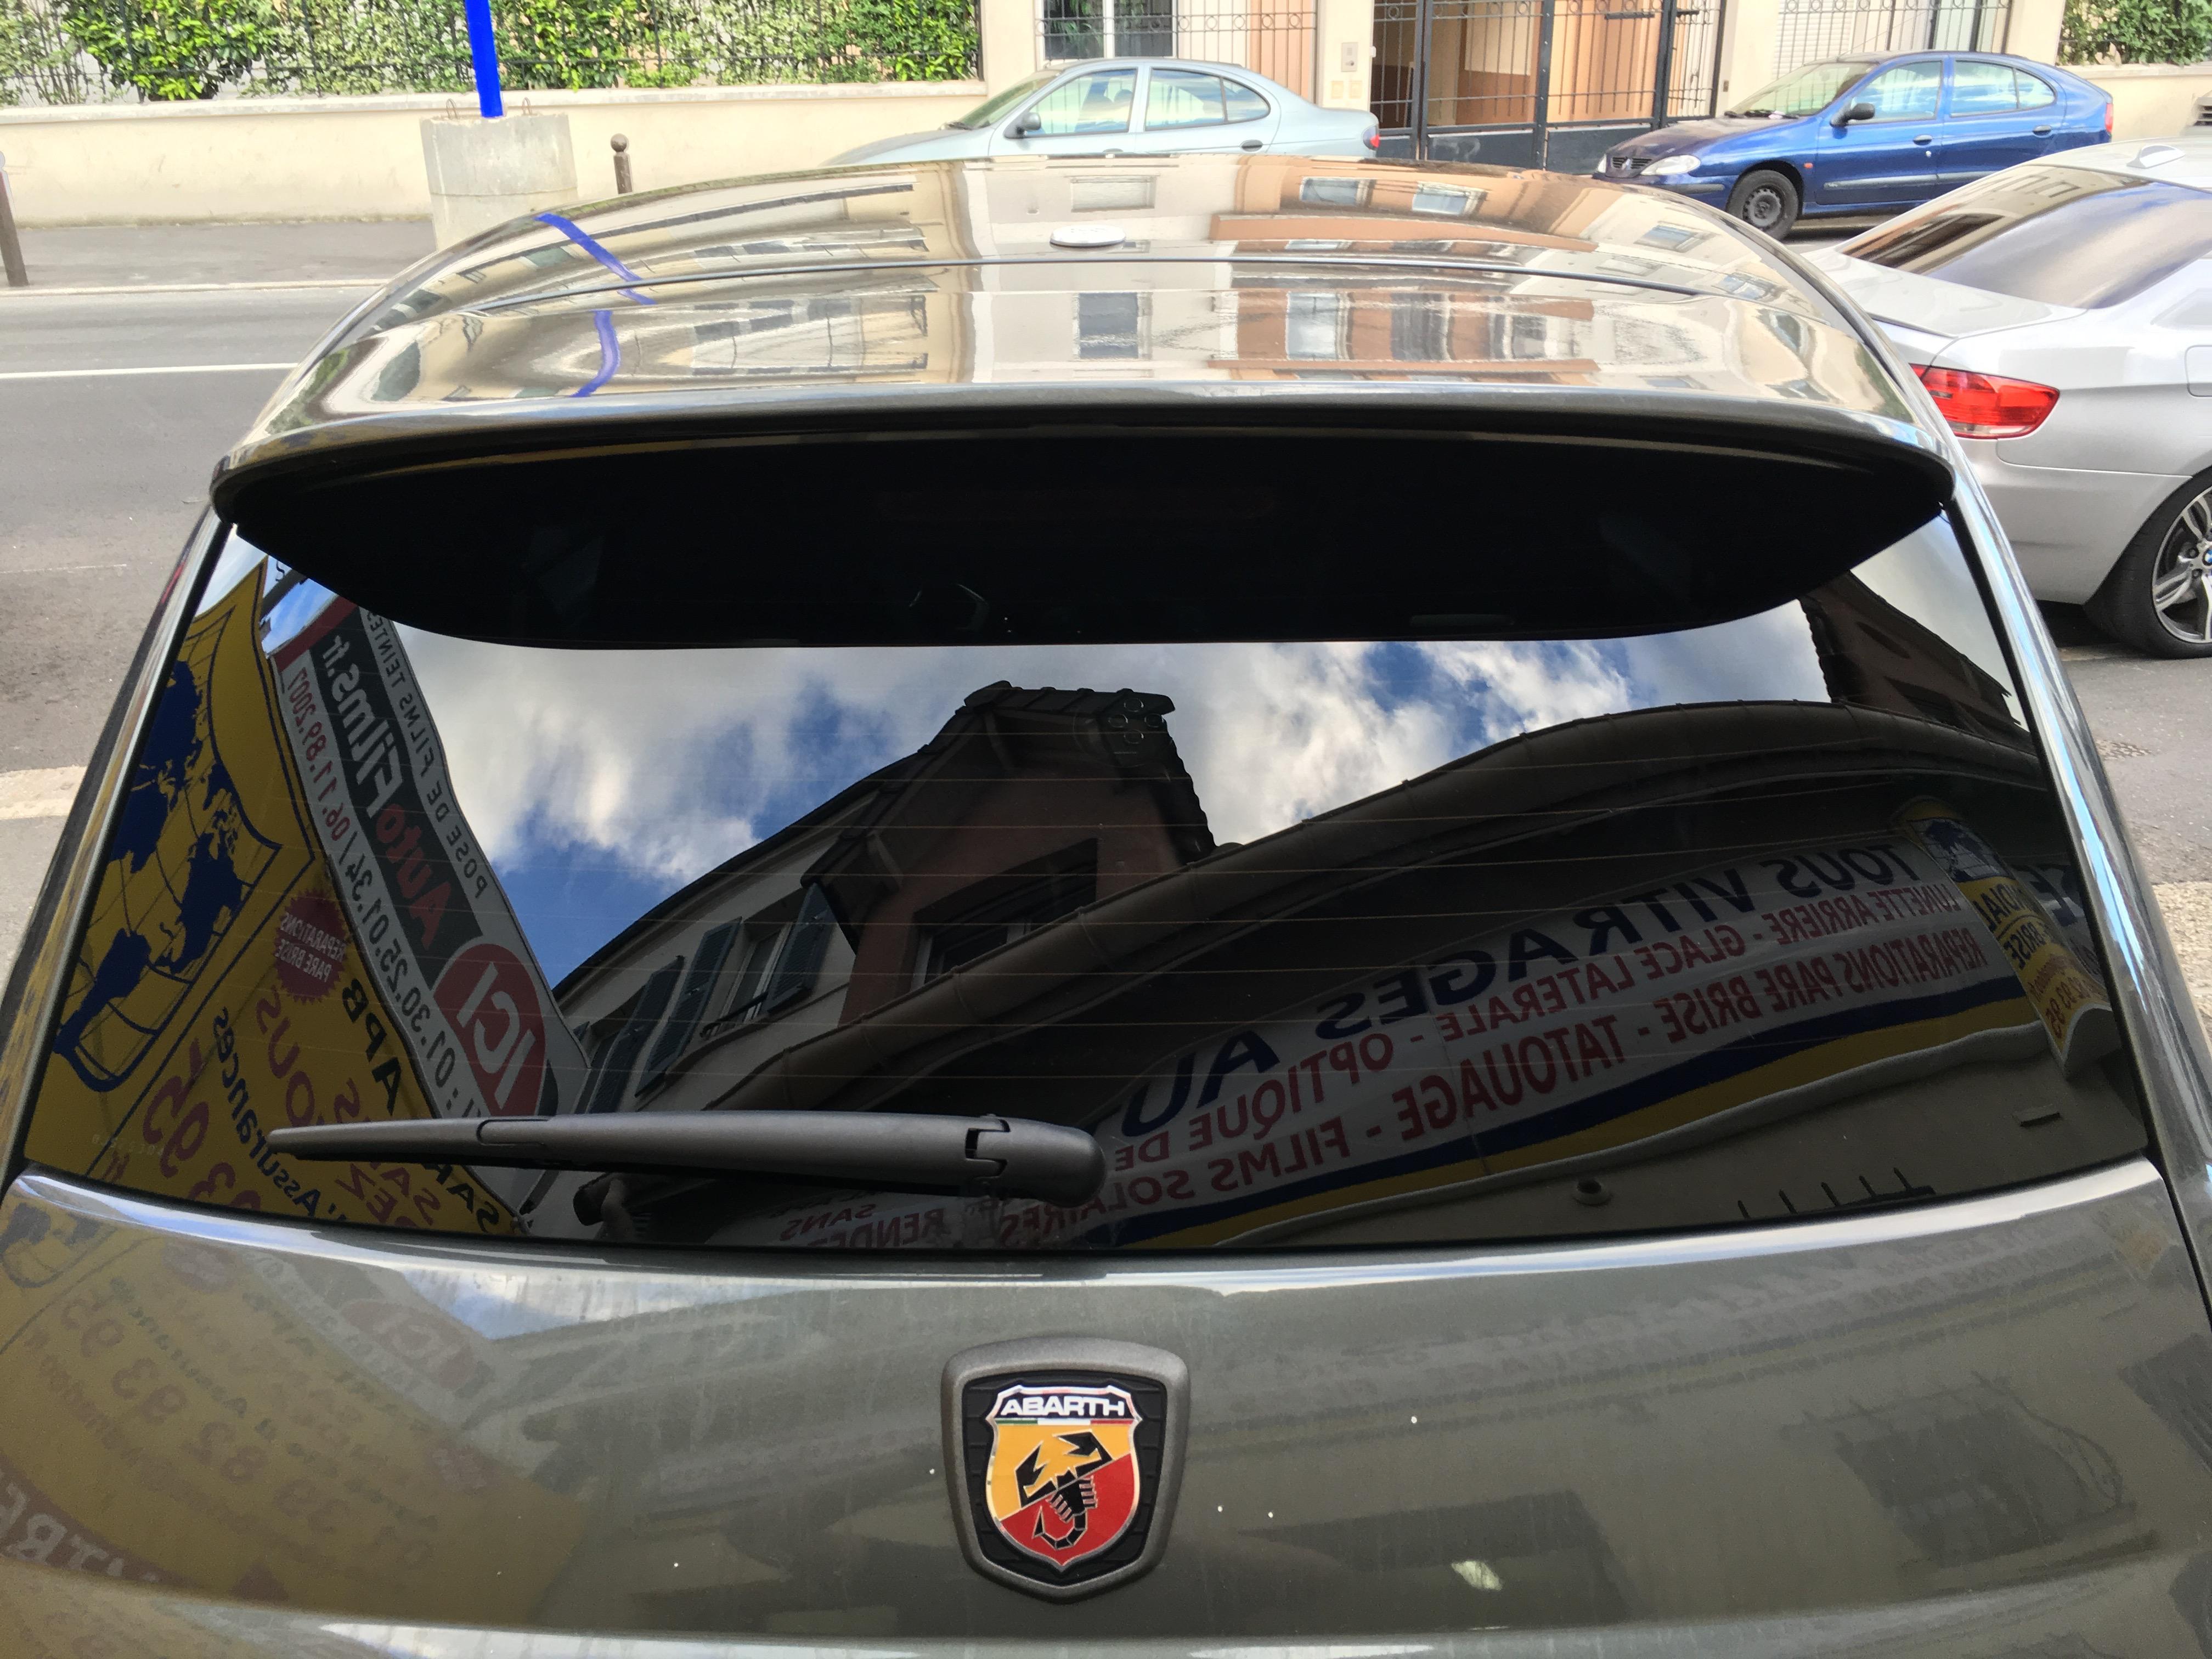 img 0075 vitre teint e automobile pose vitres teint es pour voiture autofilms sp cialise. Black Bedroom Furniture Sets. Home Design Ideas